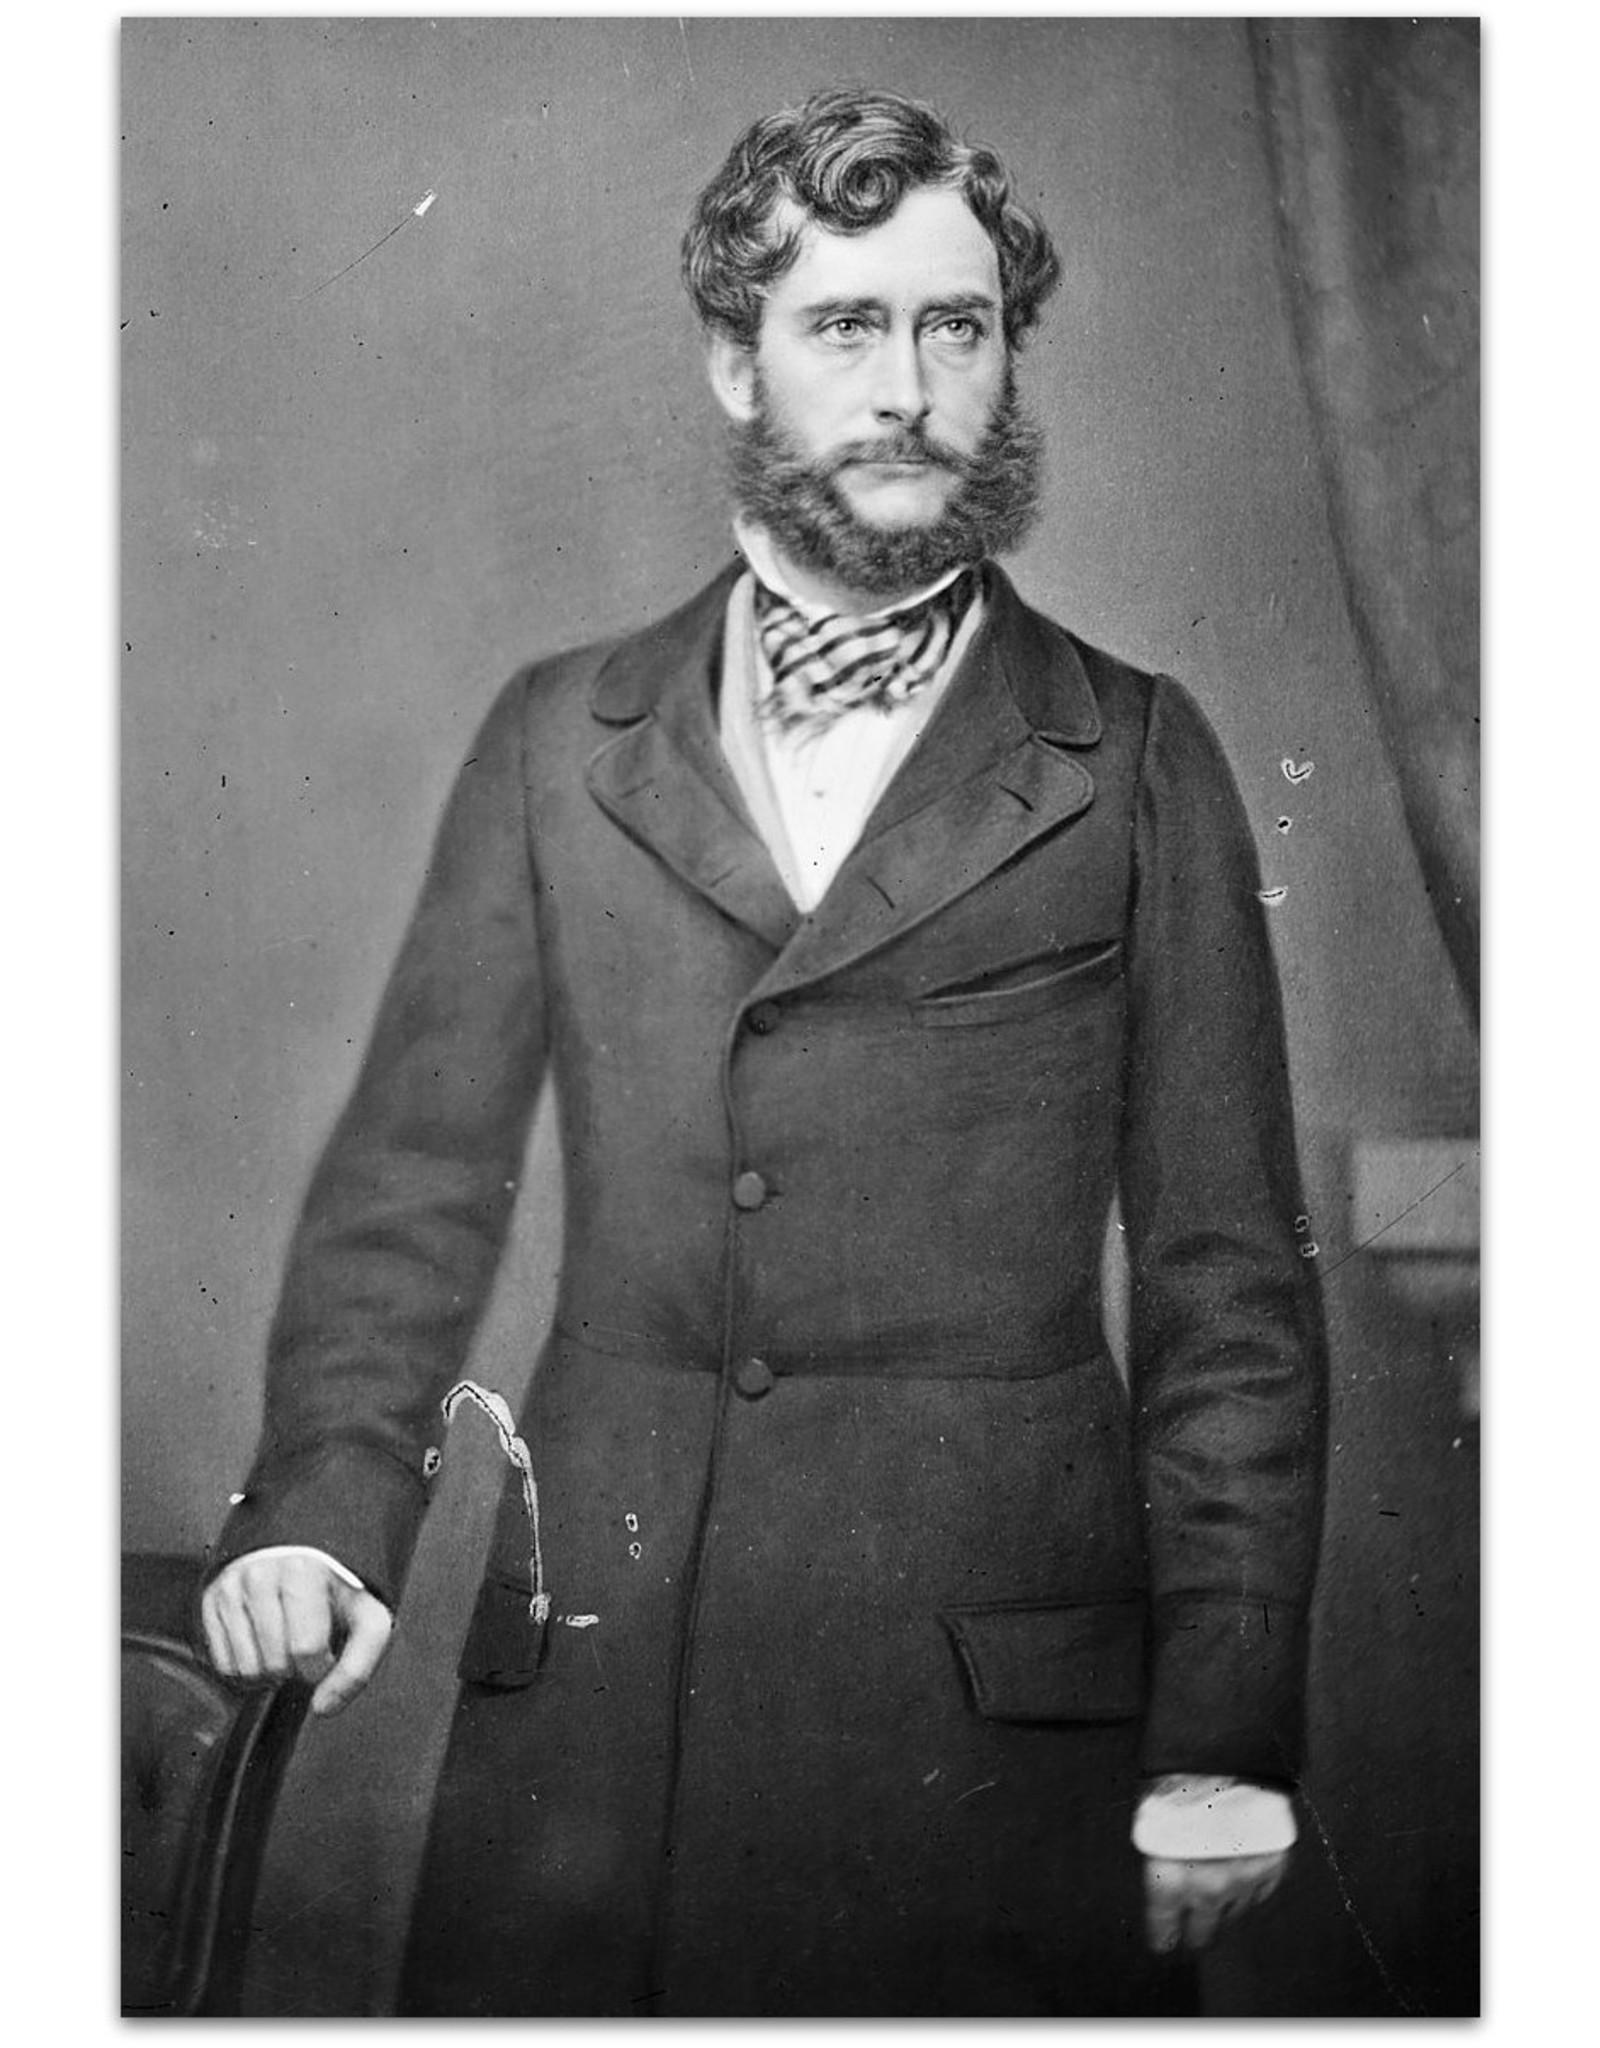 John Lothrop Motley - De opkomst van de Nederlandsche Republiek. Herziene vertaling. Met inleiding van Dr. R.C. Bakhuizen van den Brink